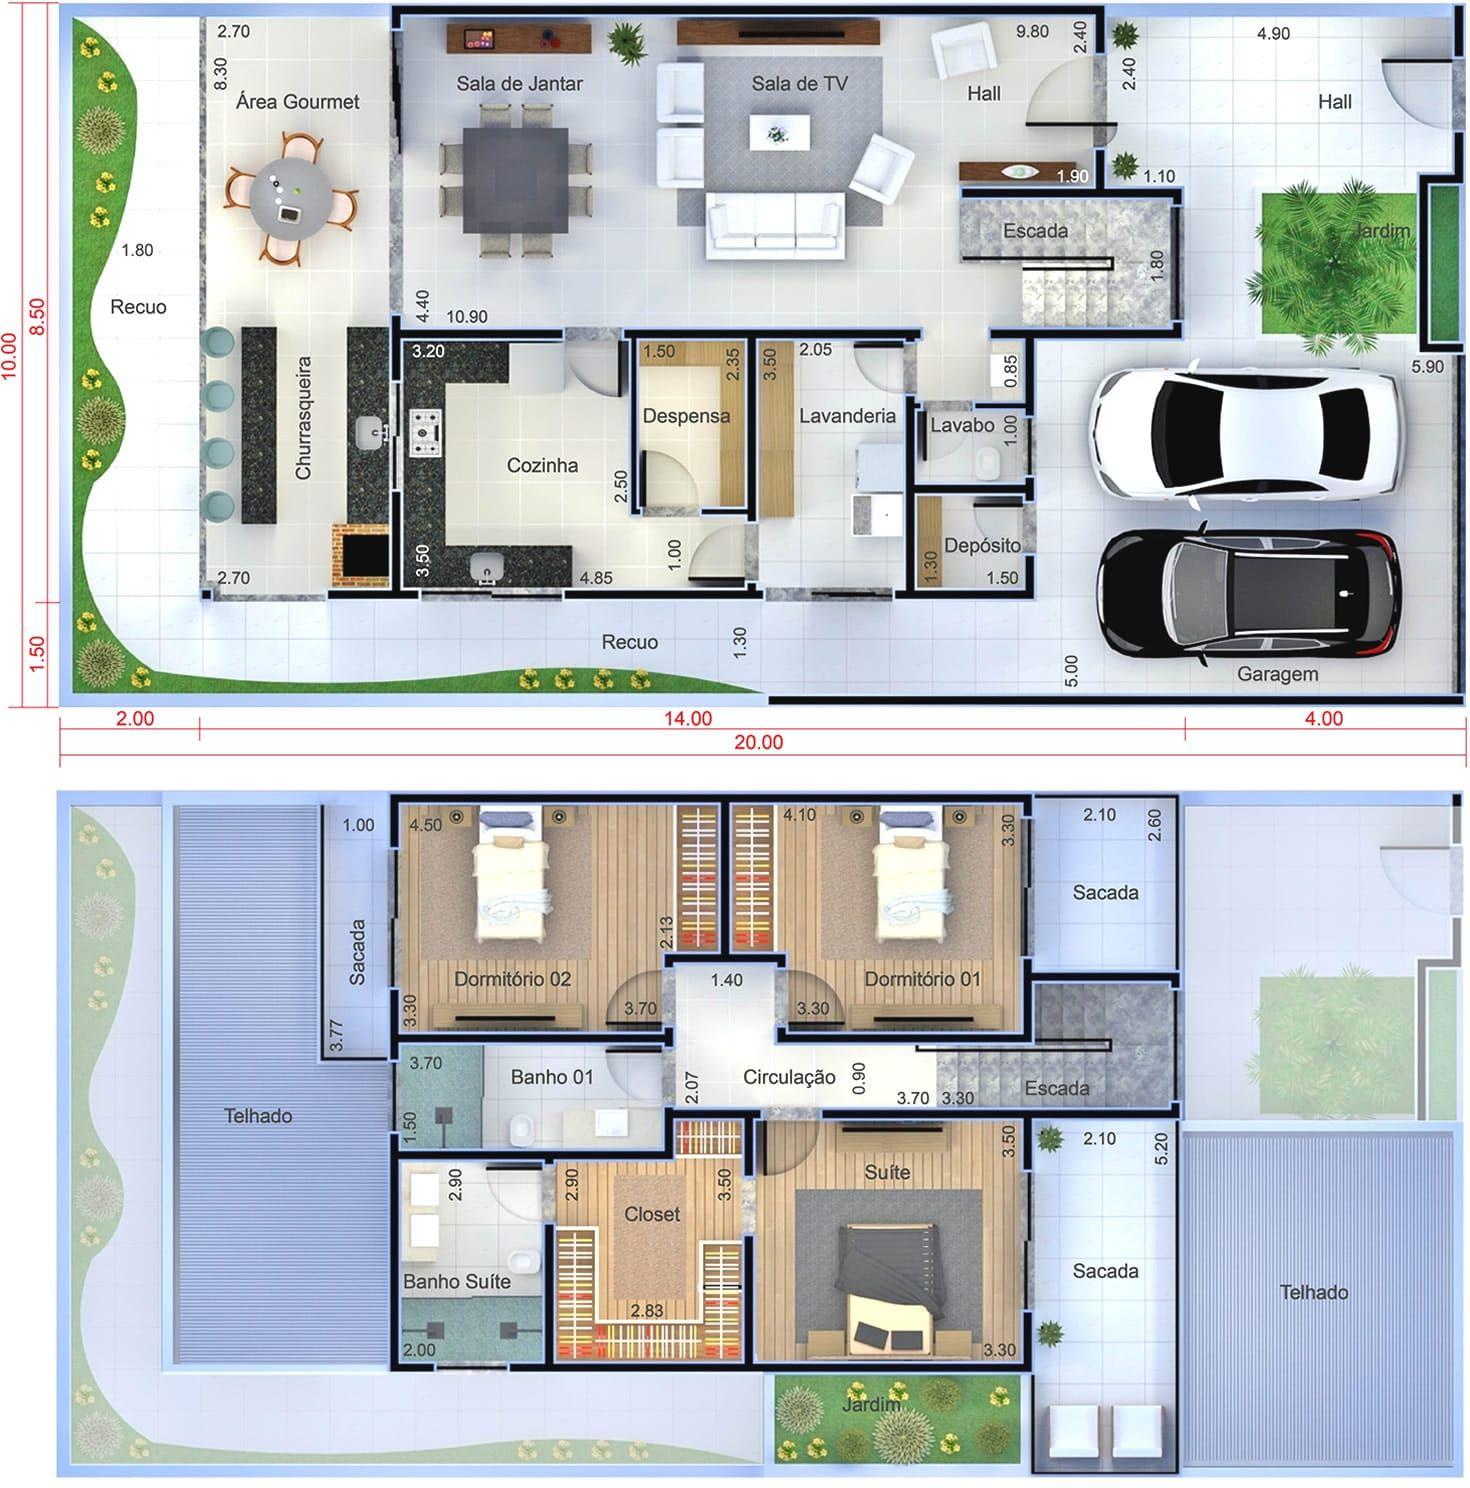 Planta de sobrado moderno com 3 quartos planta para for Casa moderna 90m2